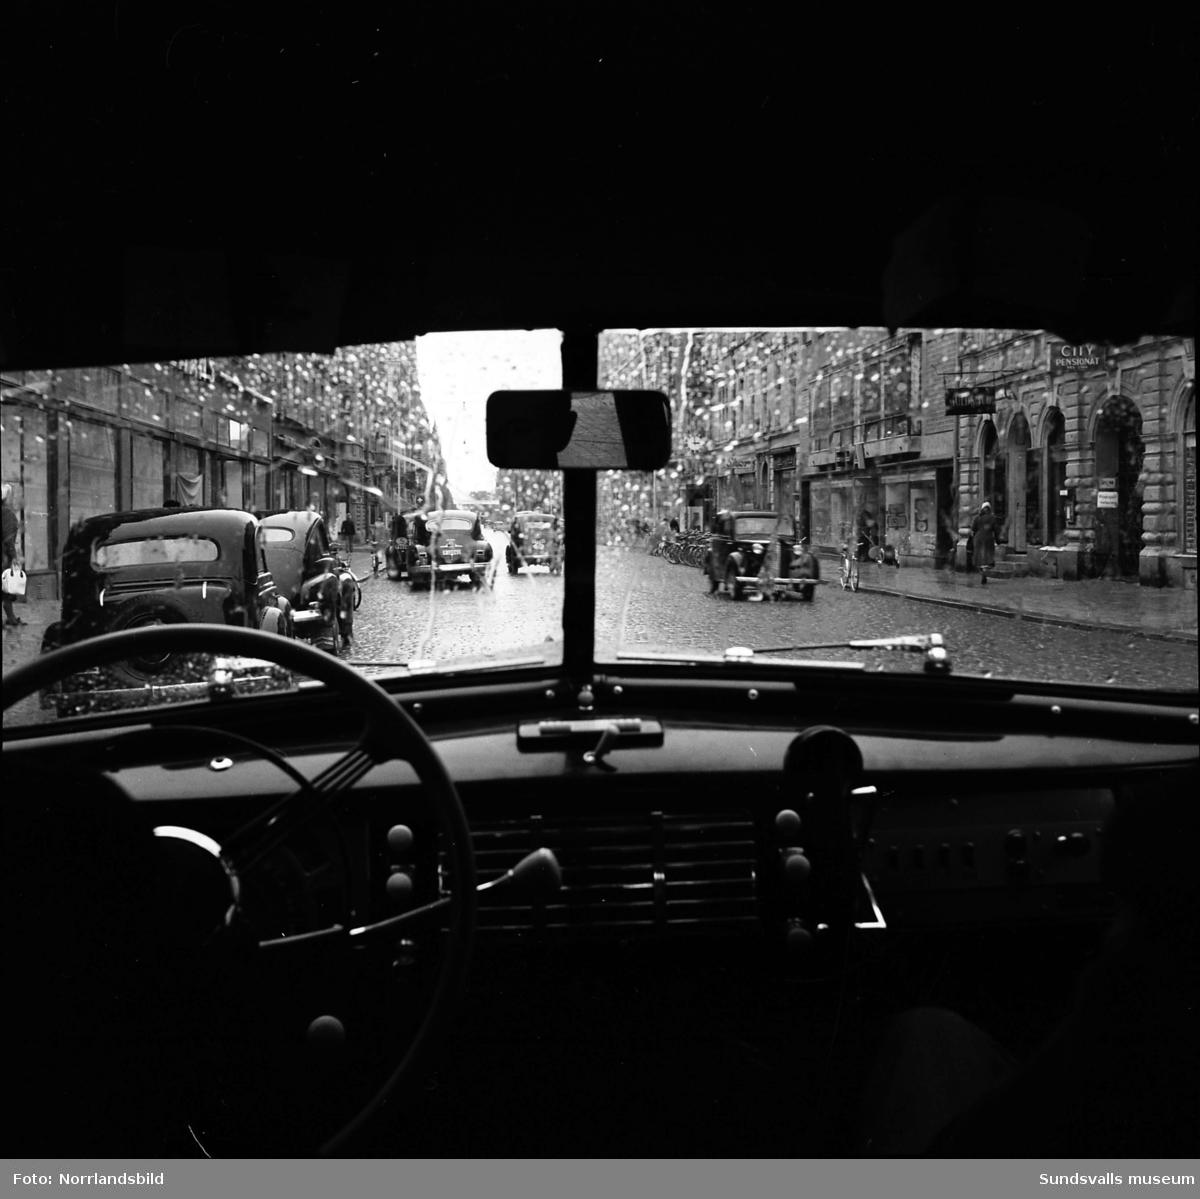 Fyra bilder från olika partier av Storgatan 1950. Bilderna illustrerar en del av de problem som är en följd av det ökande antalet bilar och cyklar i staden.